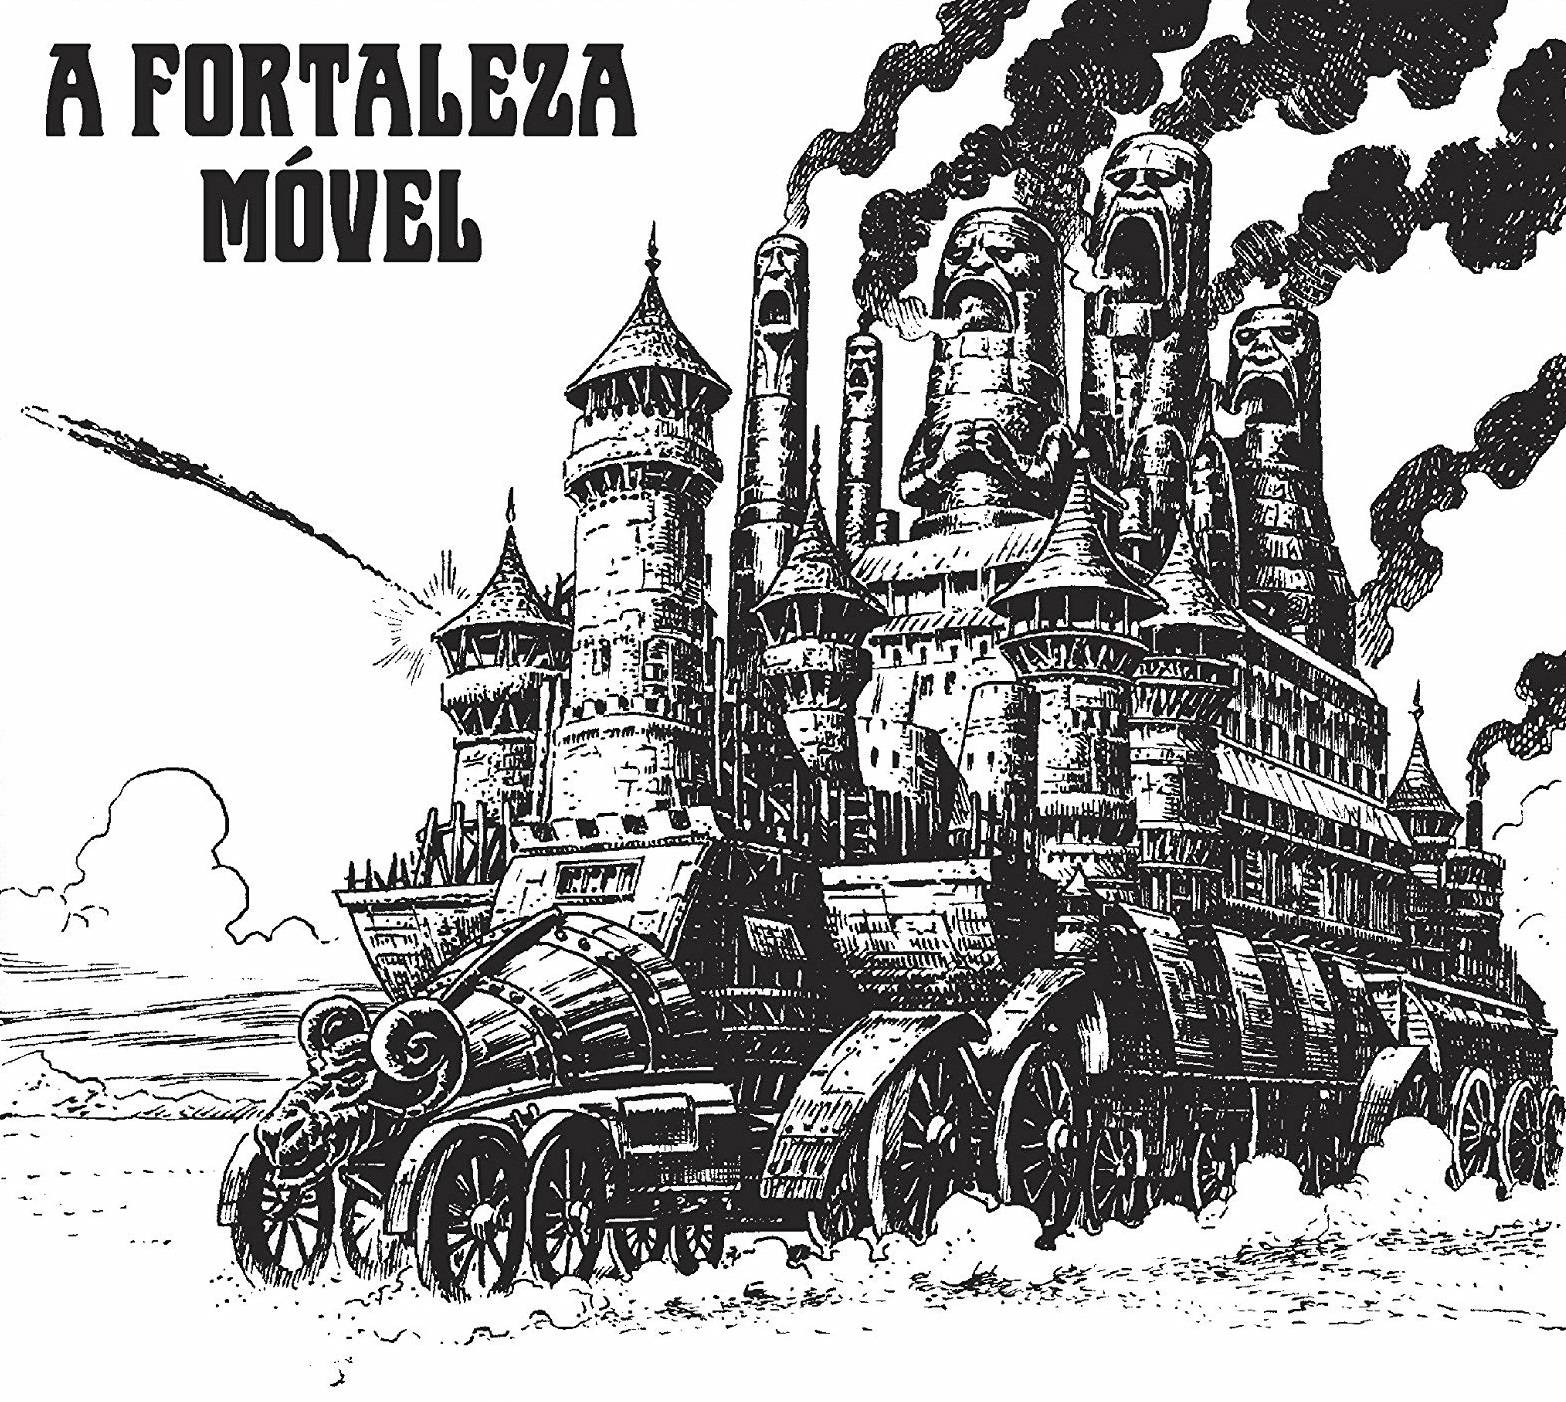 a fortaleza móvel